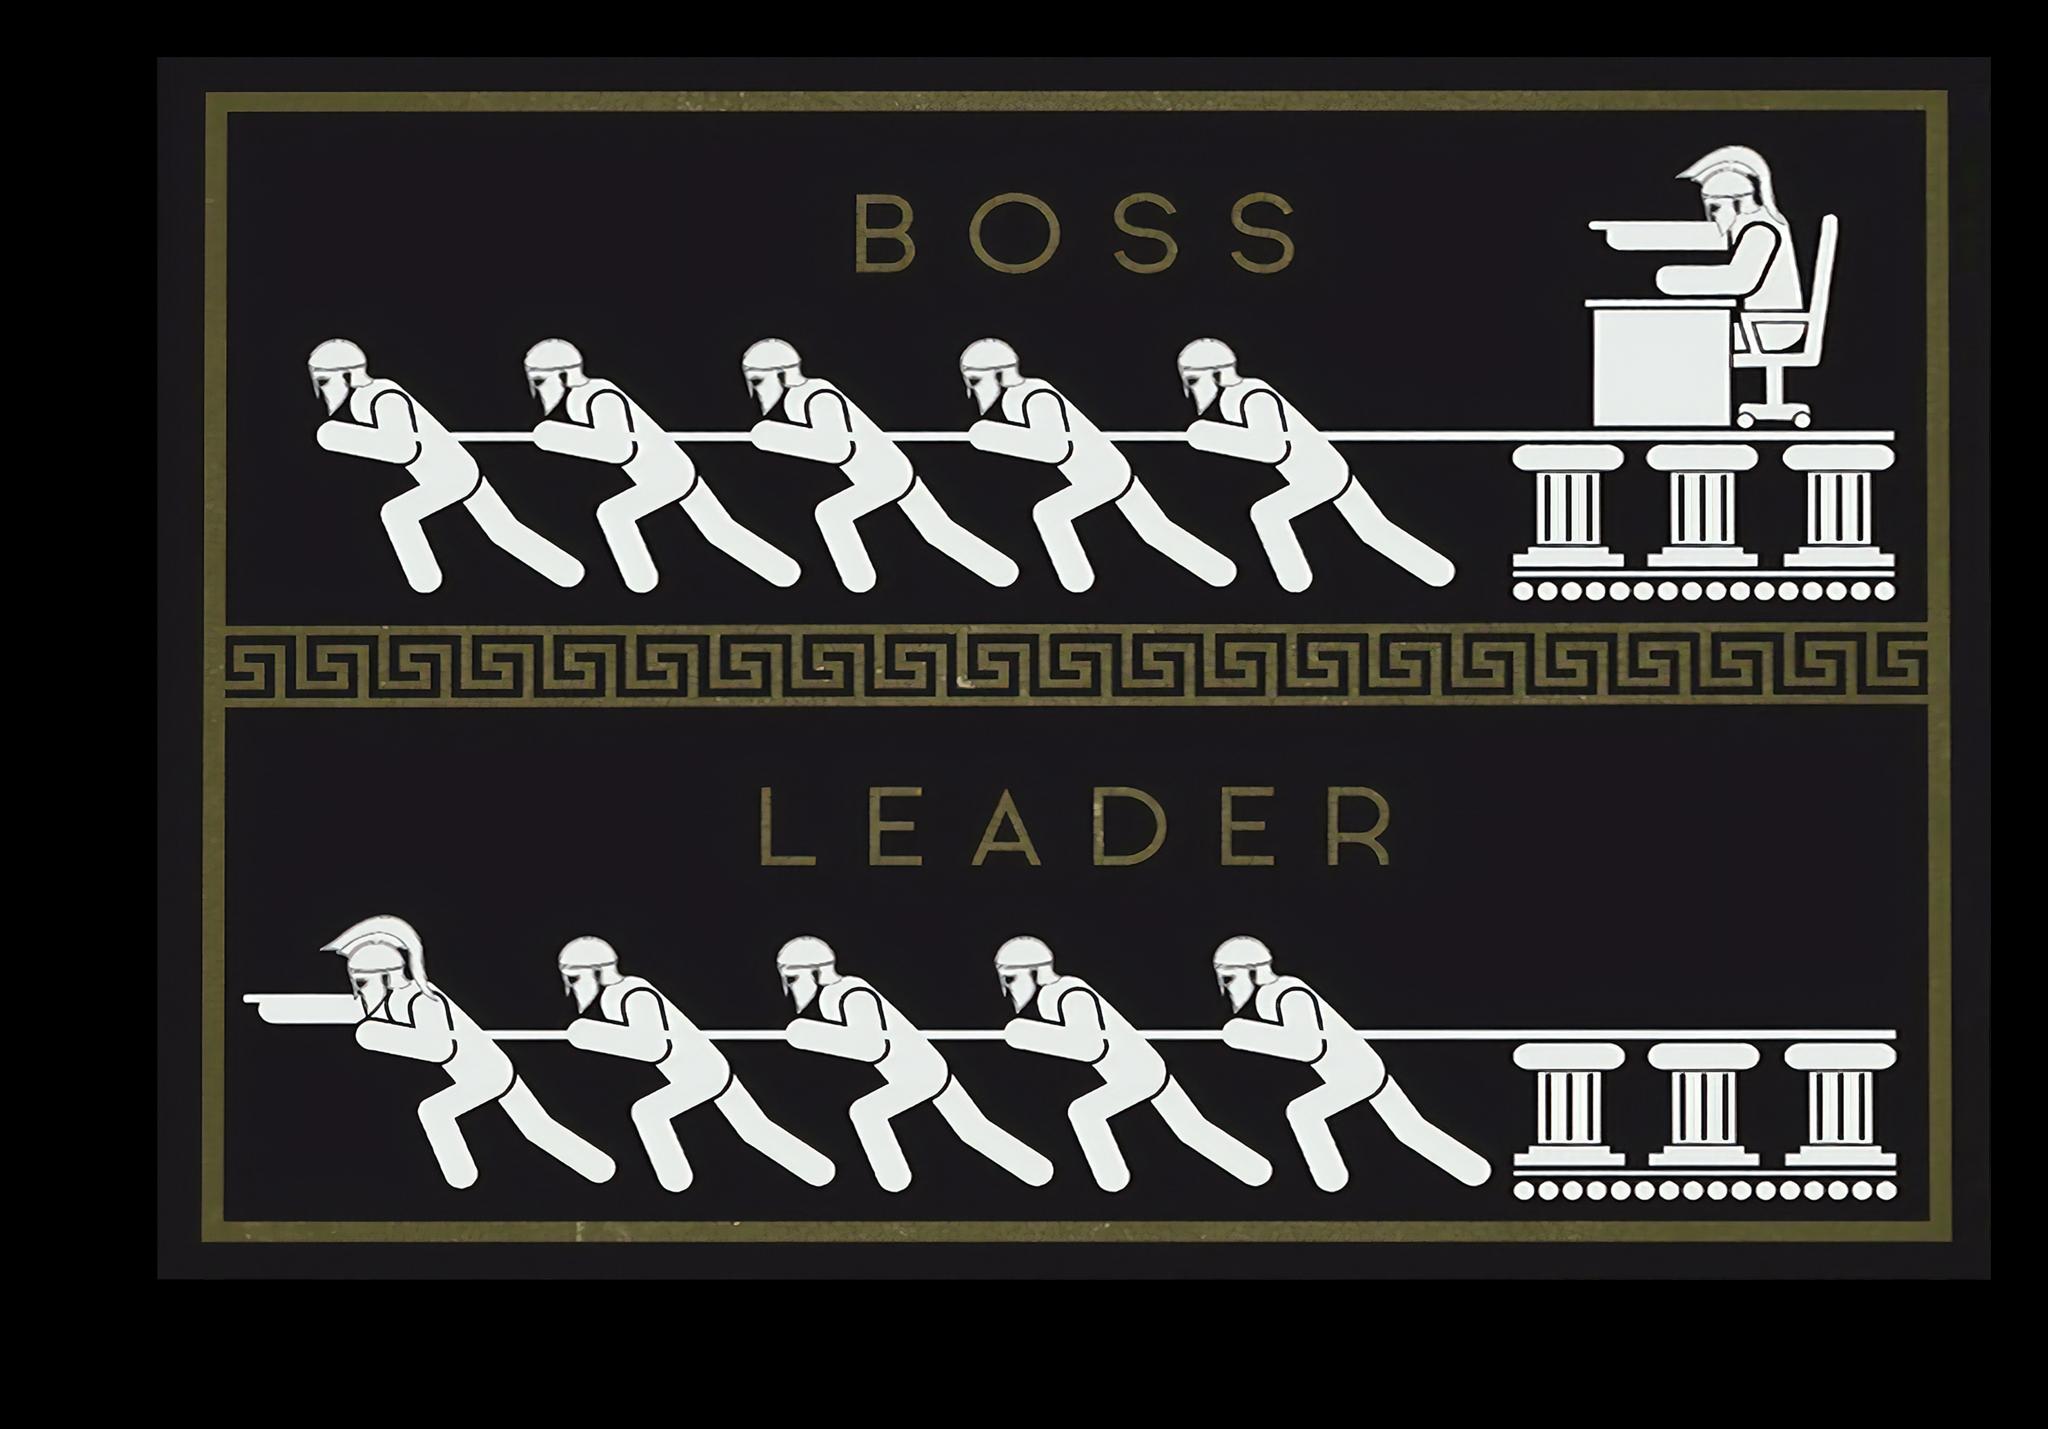 привлекает картинка это босс это лидер ноябре